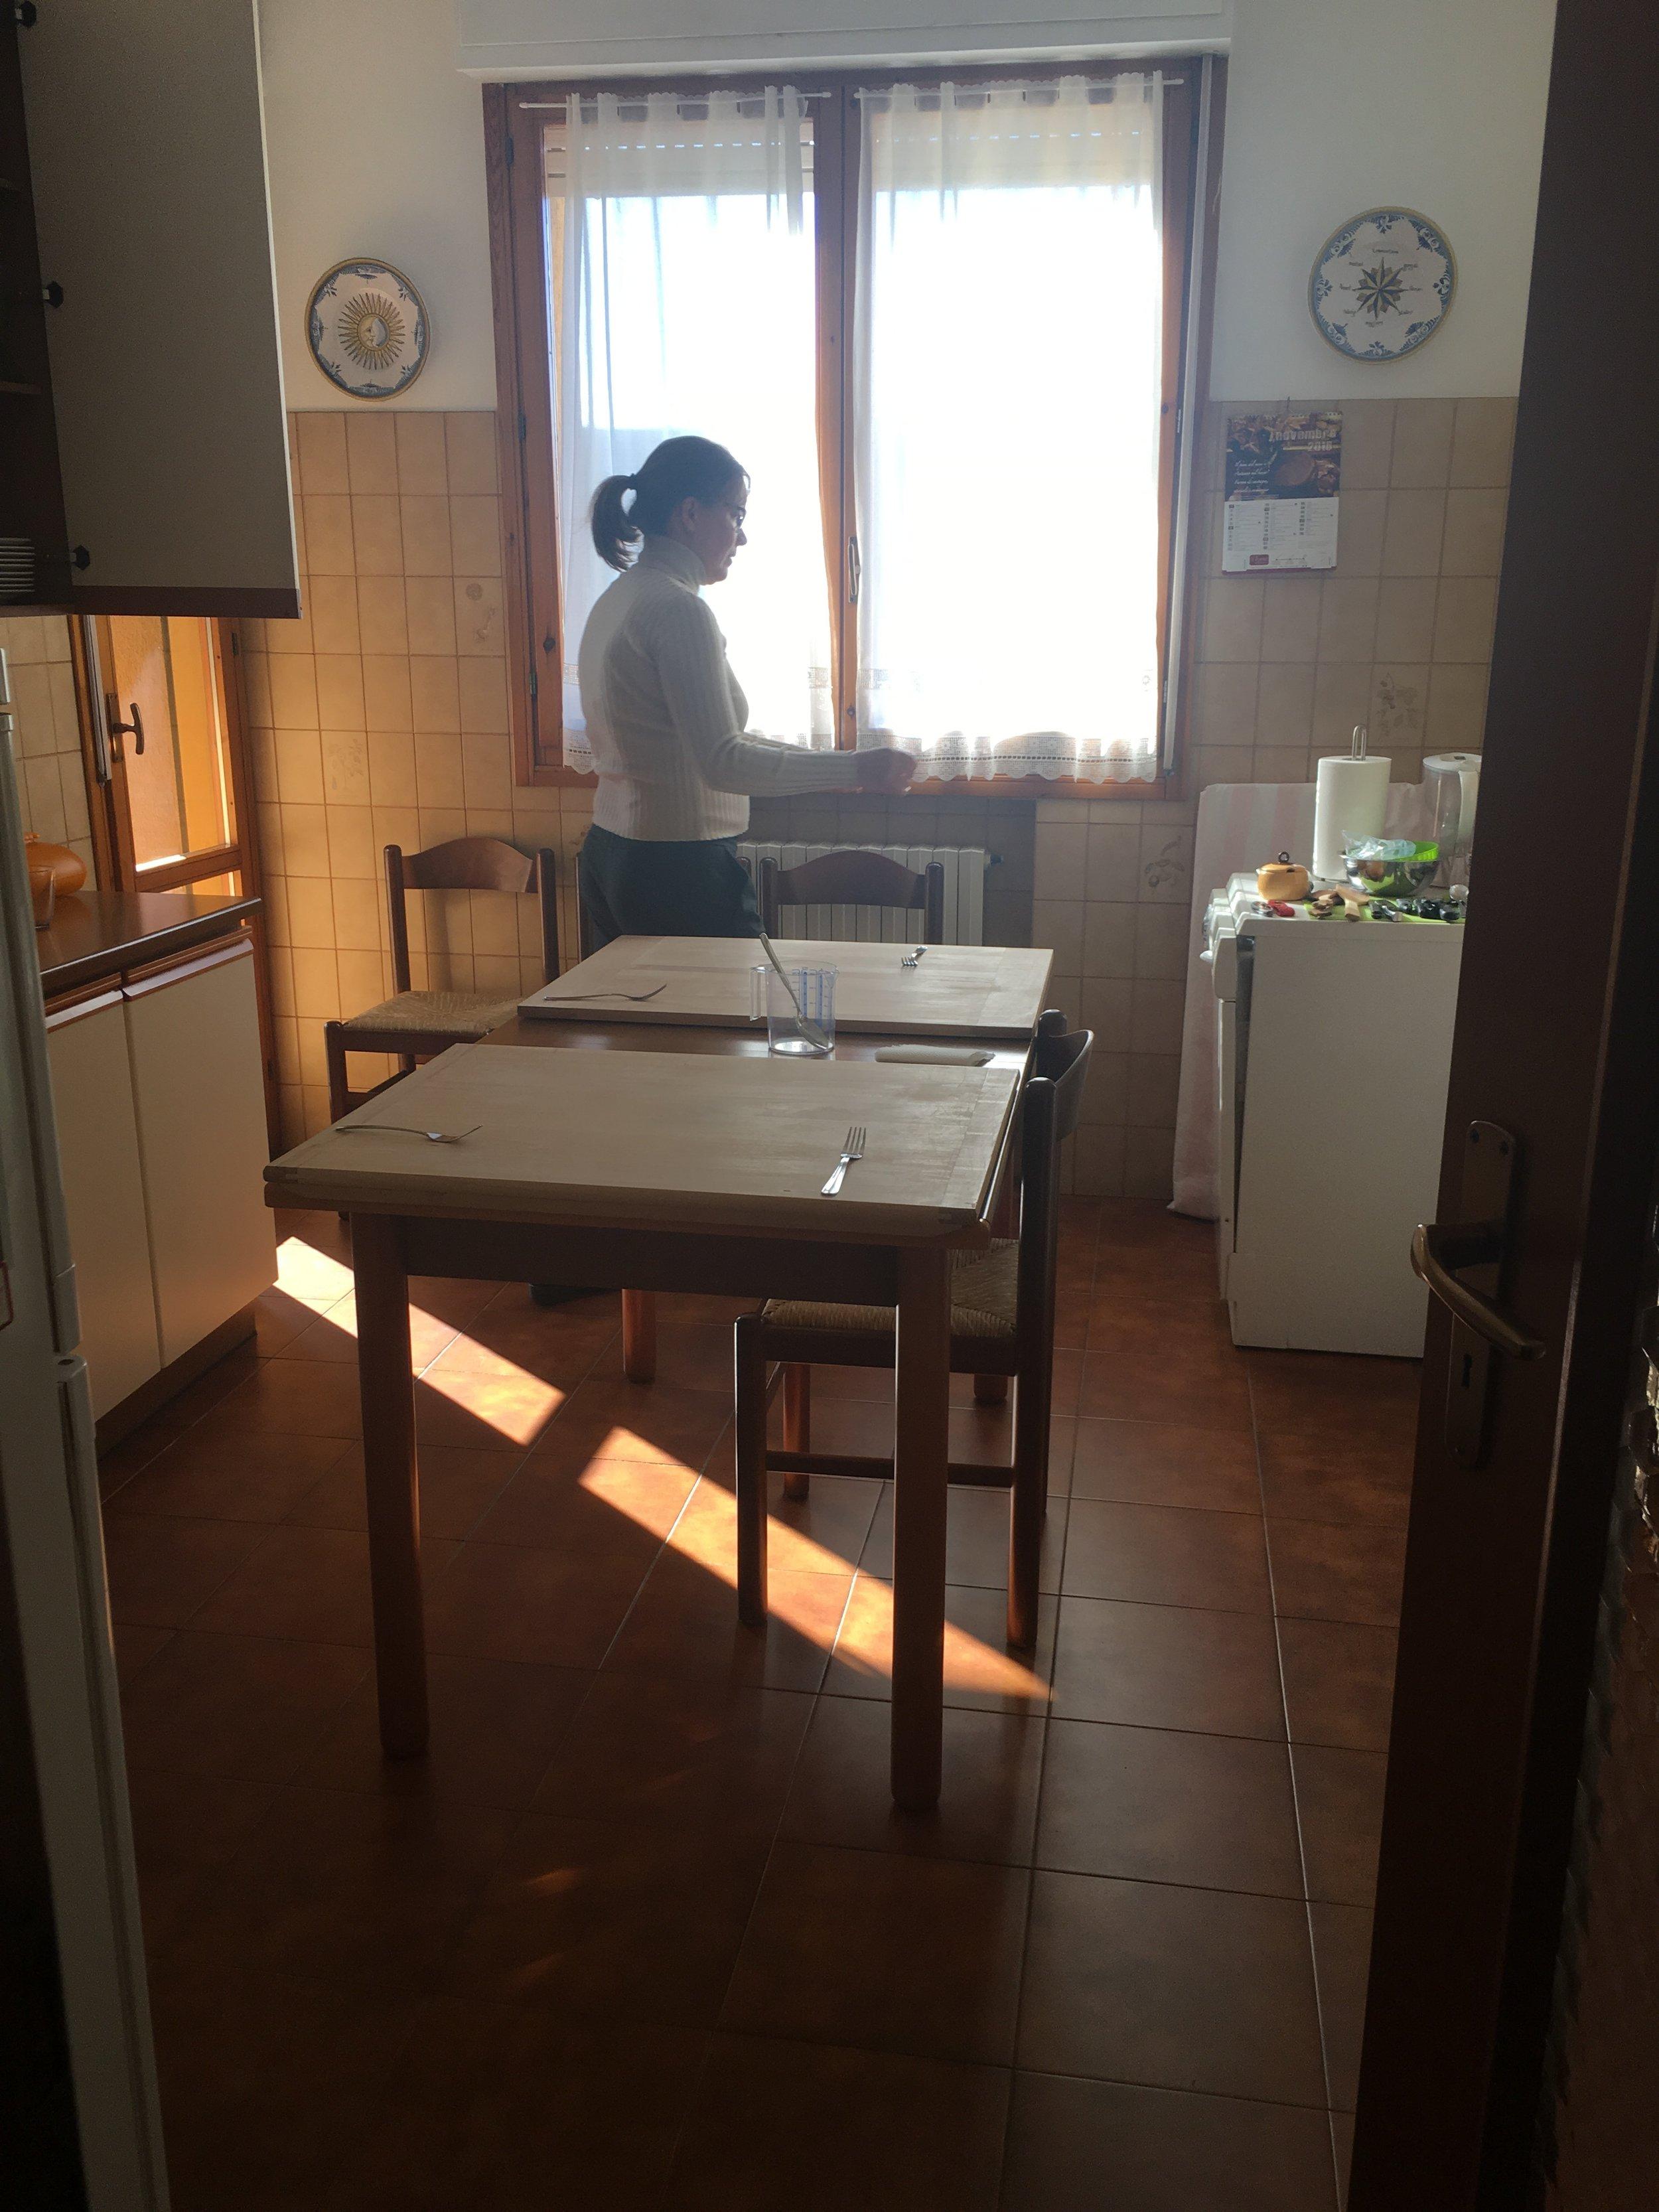 Maribel preparando-se para iniciar a aula. Antes disso, fomos ao mercado para comprar os ingredientes das receitas: Tortelloni, Tagliatelli al ragu e, ao meu pedido, Flores de abobrinha recheadas. Ela oferece só a aula (manhã ou tarde) ou a aula + a visita ao mercado, que foi o que eu fiz.